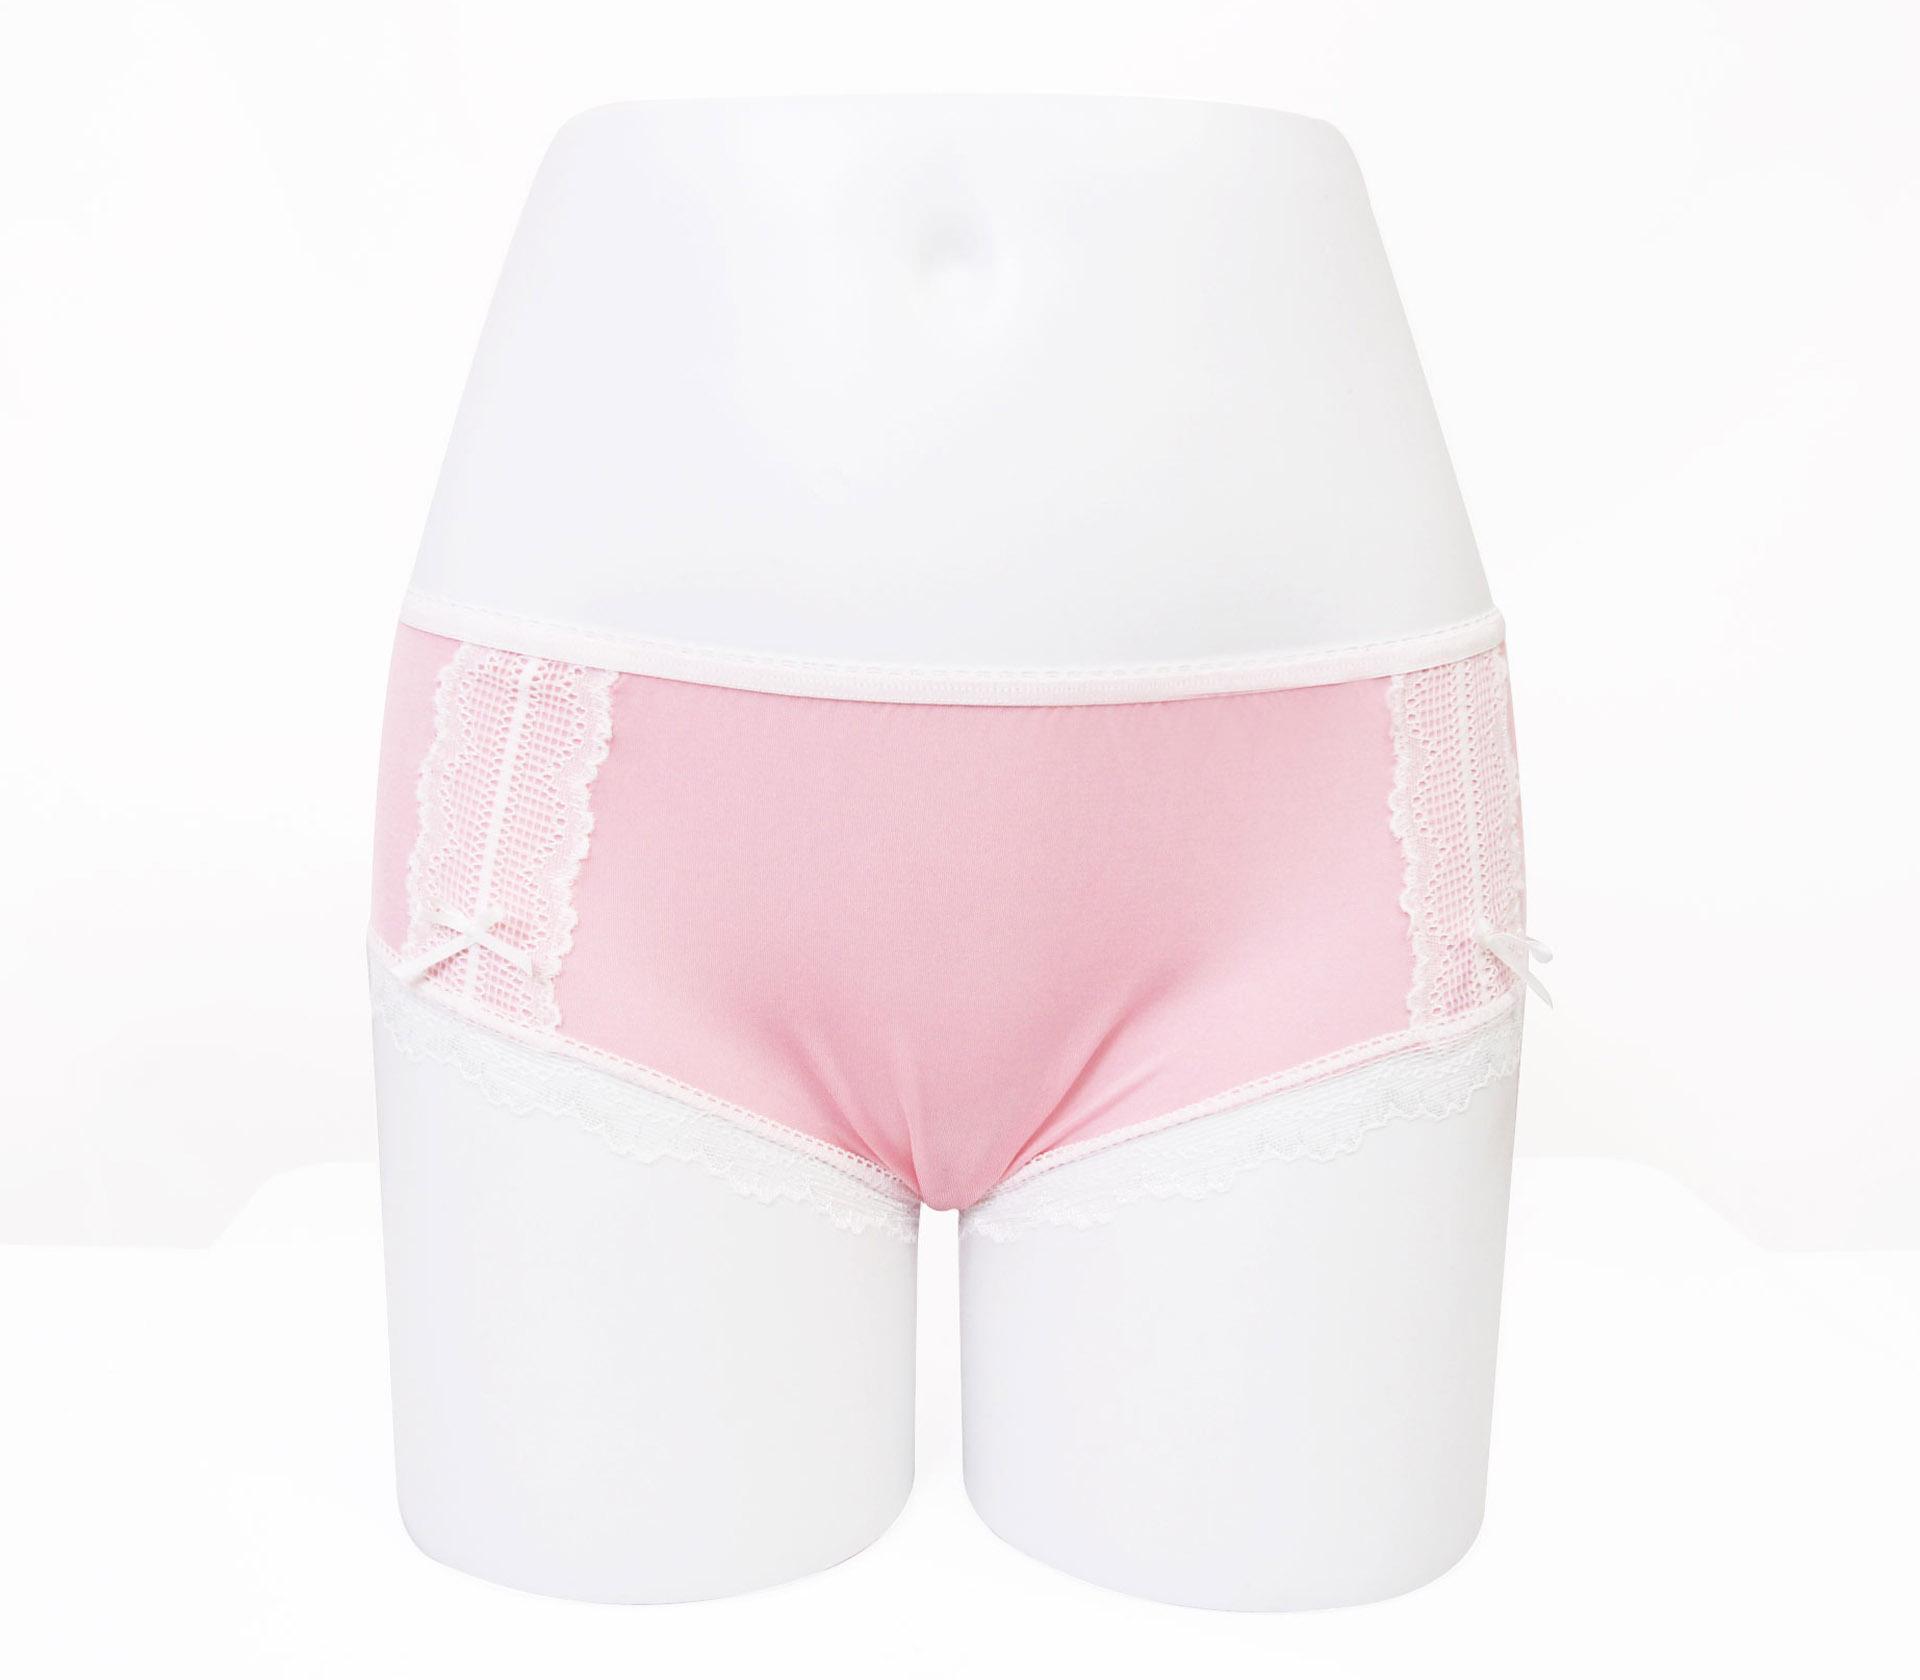 闕蘭絹粉嫩浪漫蕾絲100%蠶絲內褲-3312(粉)